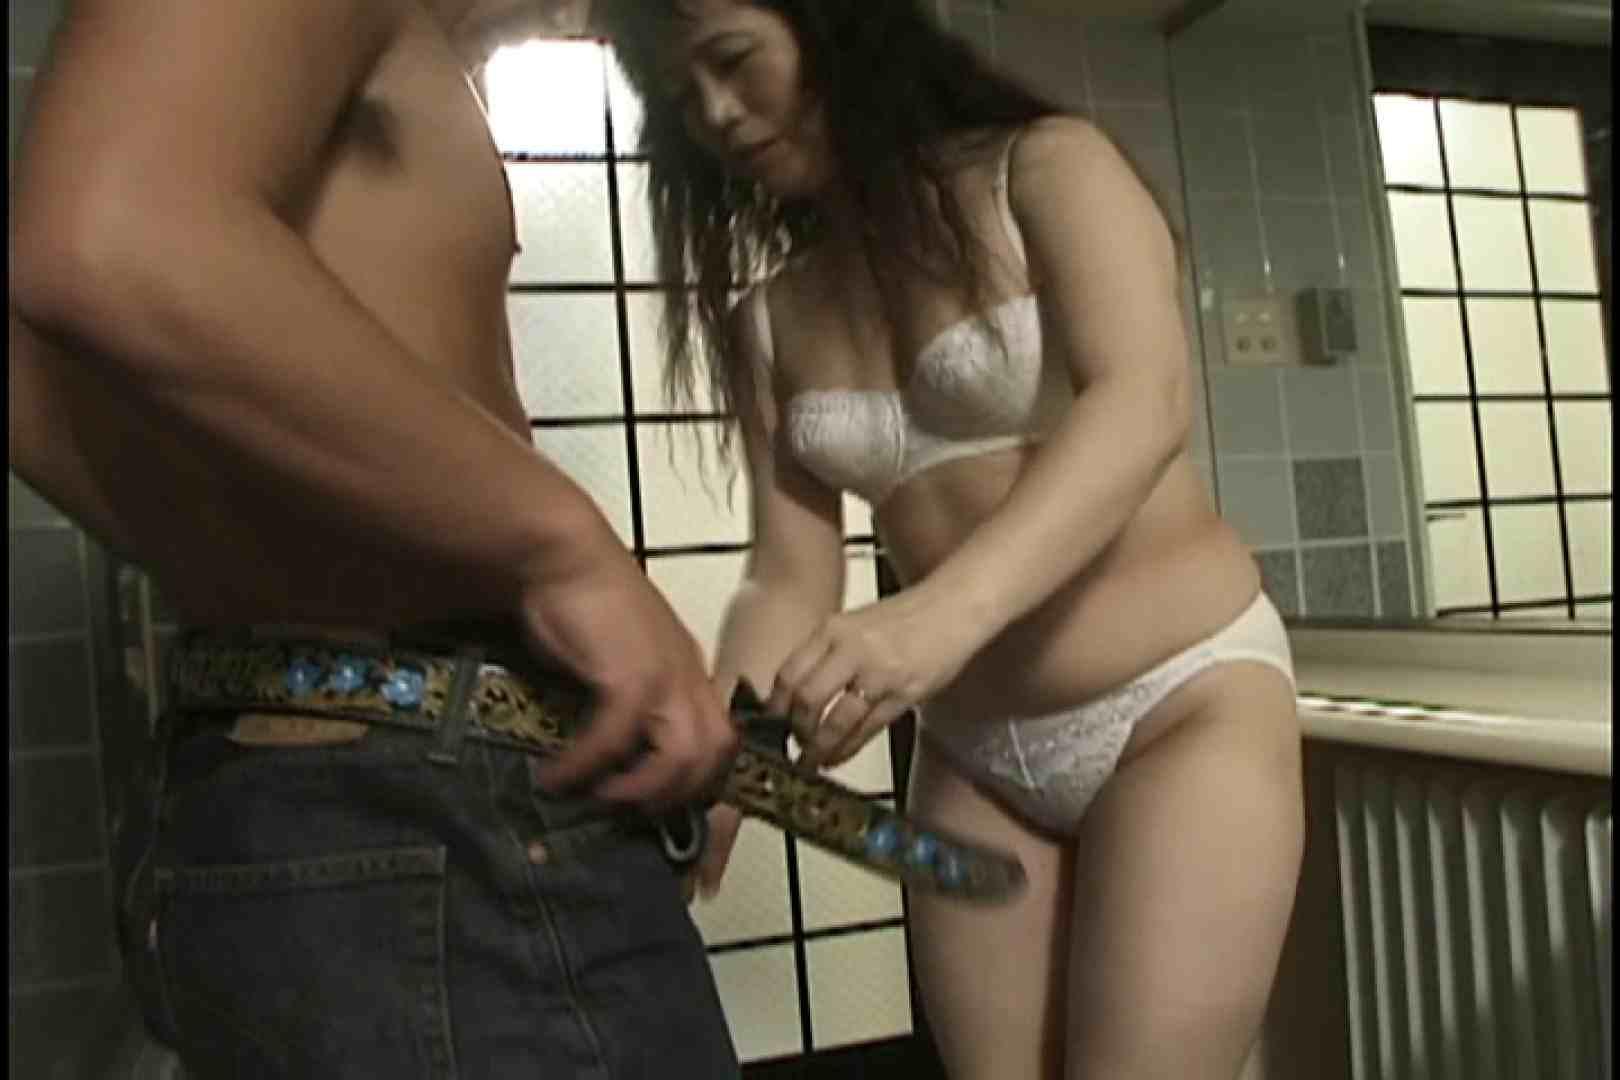 昼間の奥様は欲求不満 ~中島幸恵~ バイブ最高 AV動画キャプチャ 91枚 15